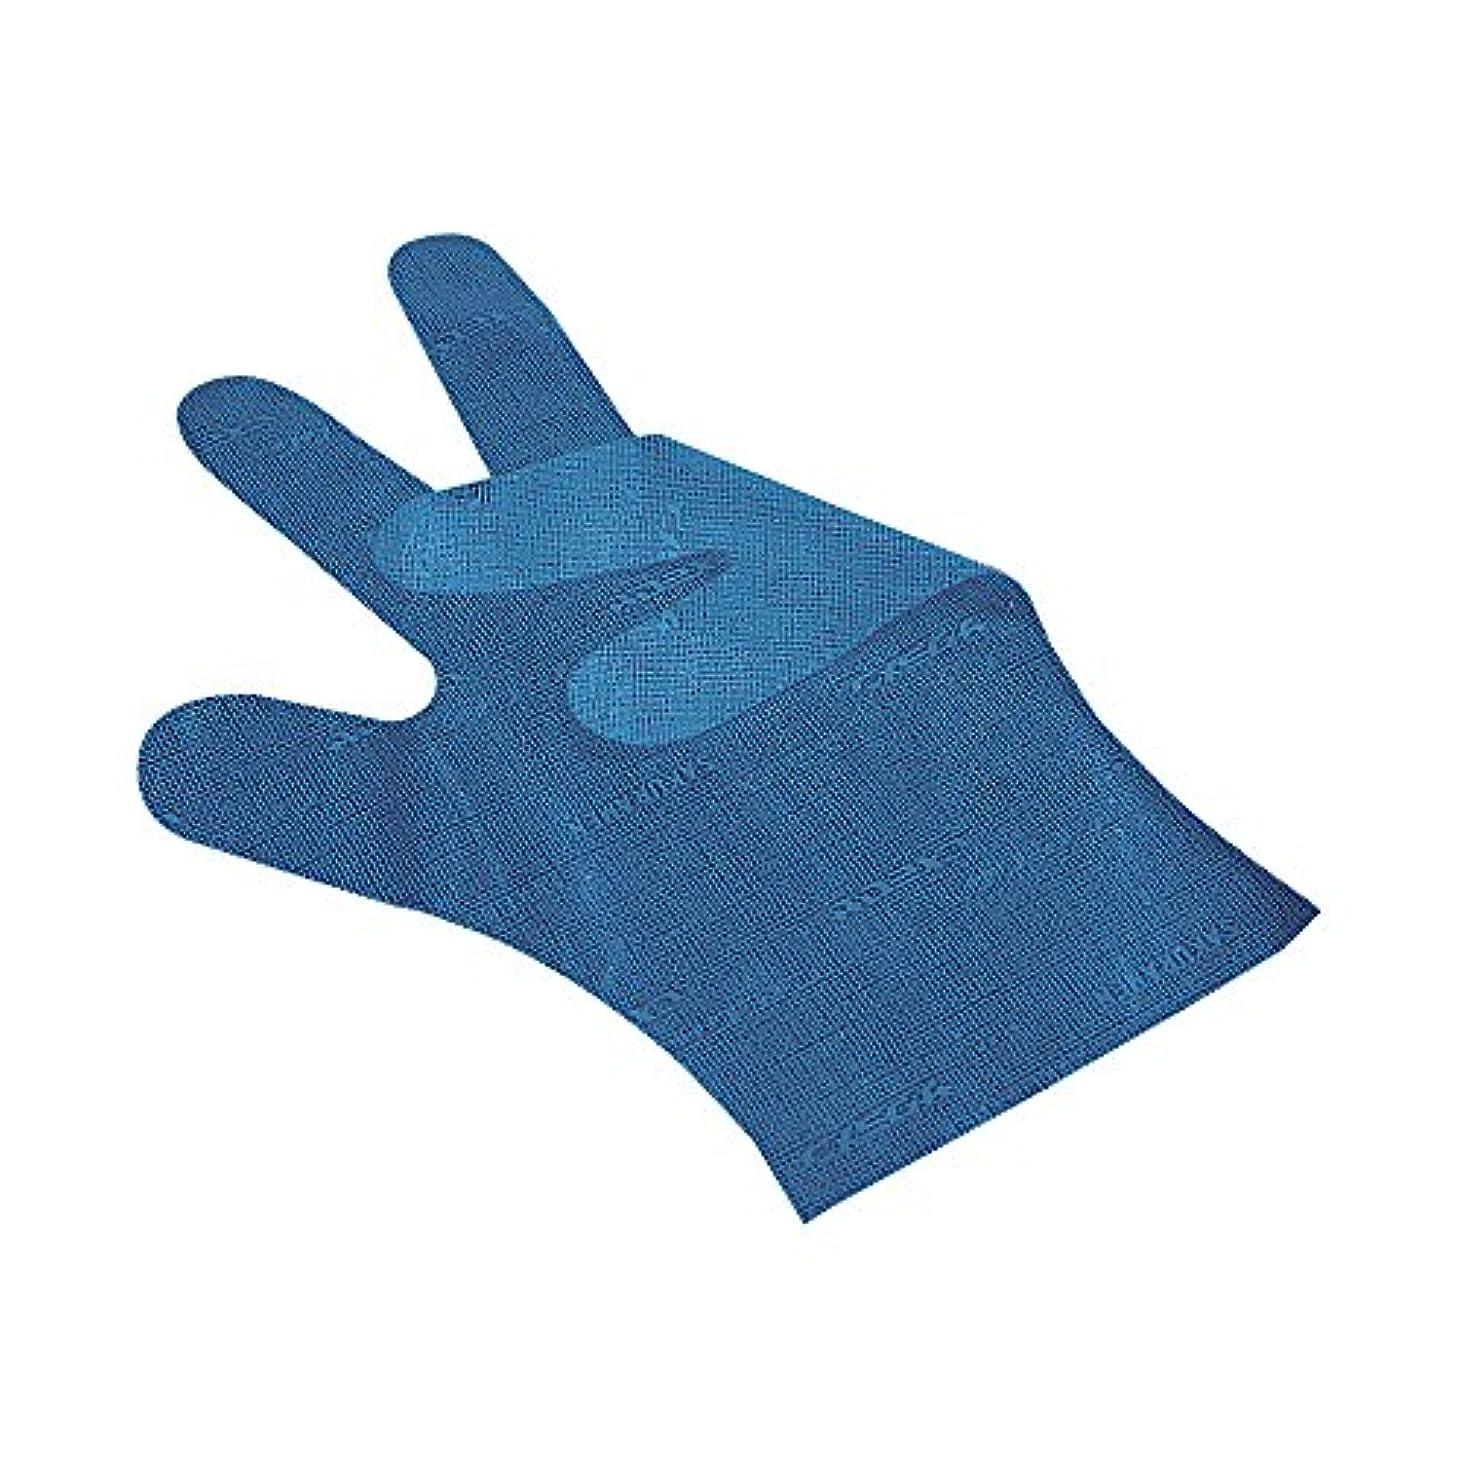 ロゴ住所浪費サクラメンエンボス手袋 デラックス ブルー L 100枚入